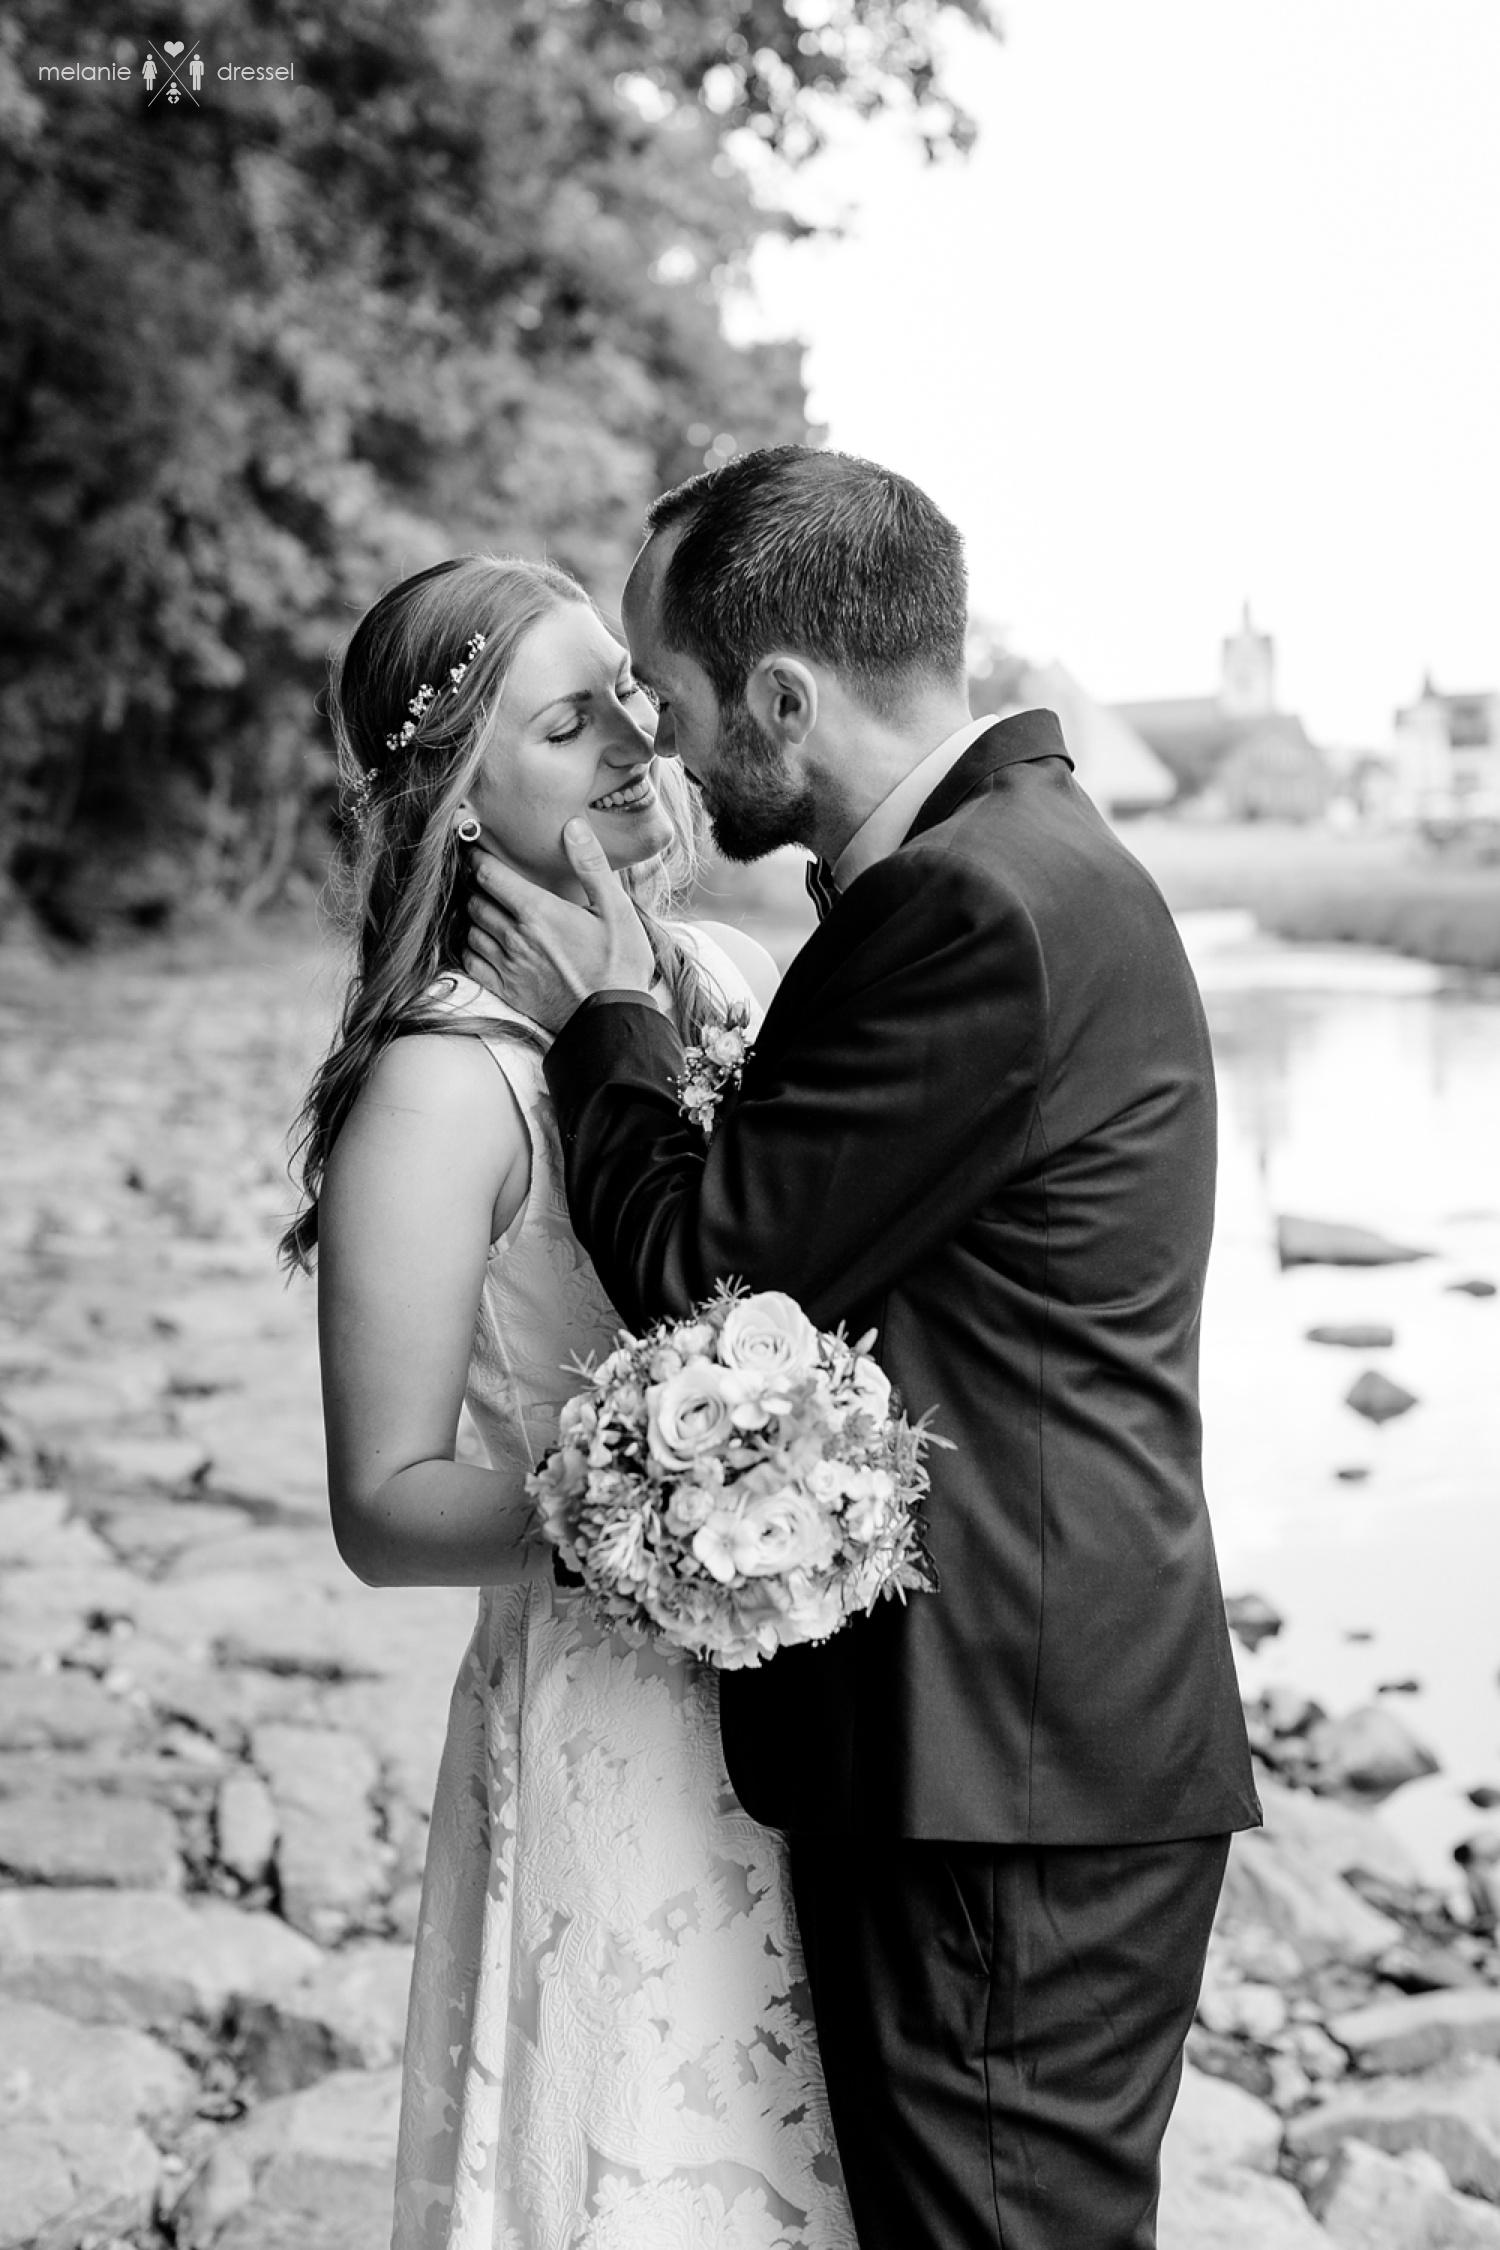 Brautpaar am Ufer der Weissen Elster. Fotografiert von Hochzeitsfotografin Melanie Dressel, Gera.